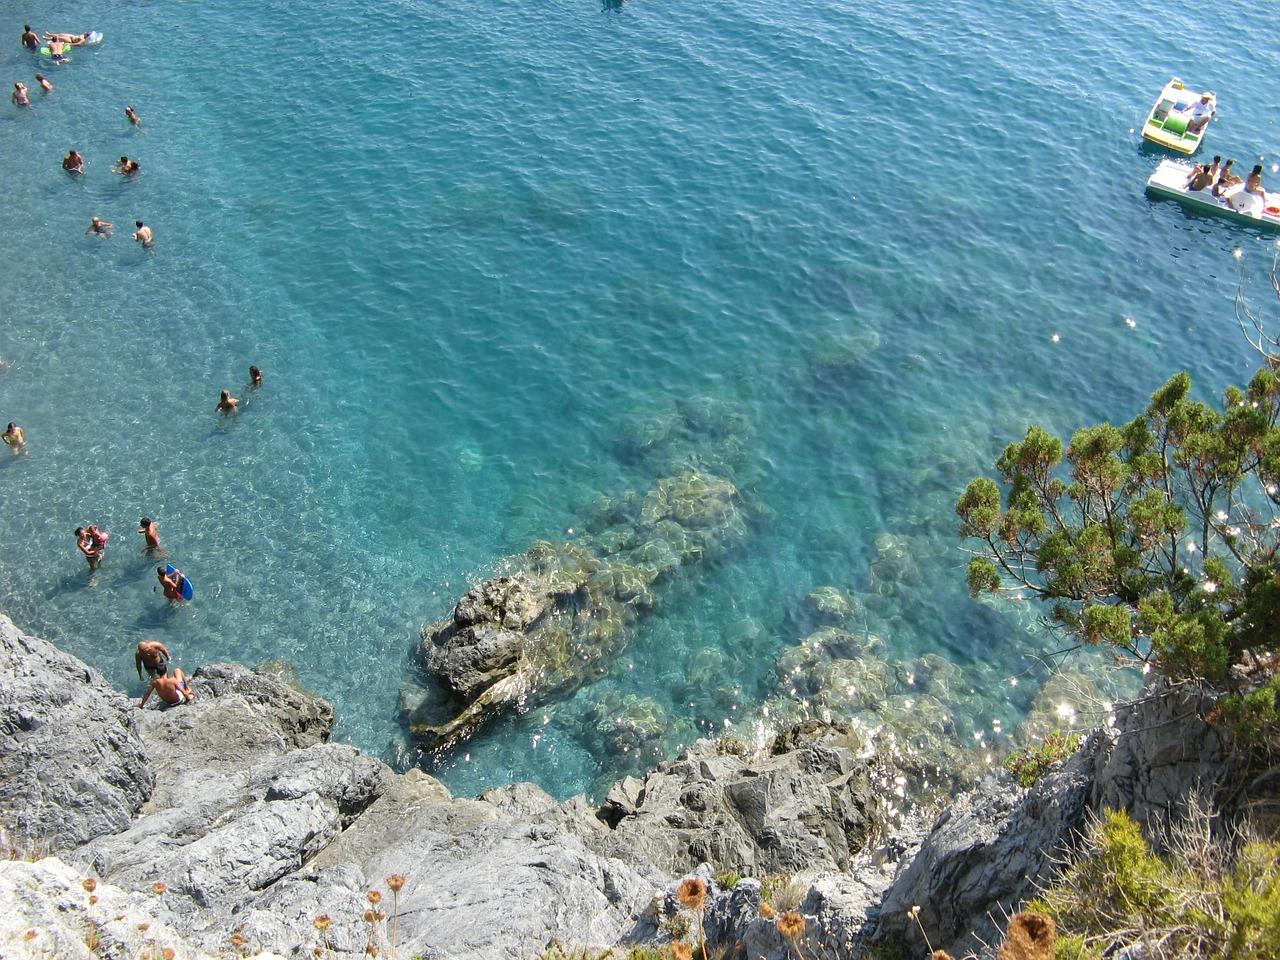 sicilia, vacanze estive 2018, vacanze estive, dove andare in vacanza